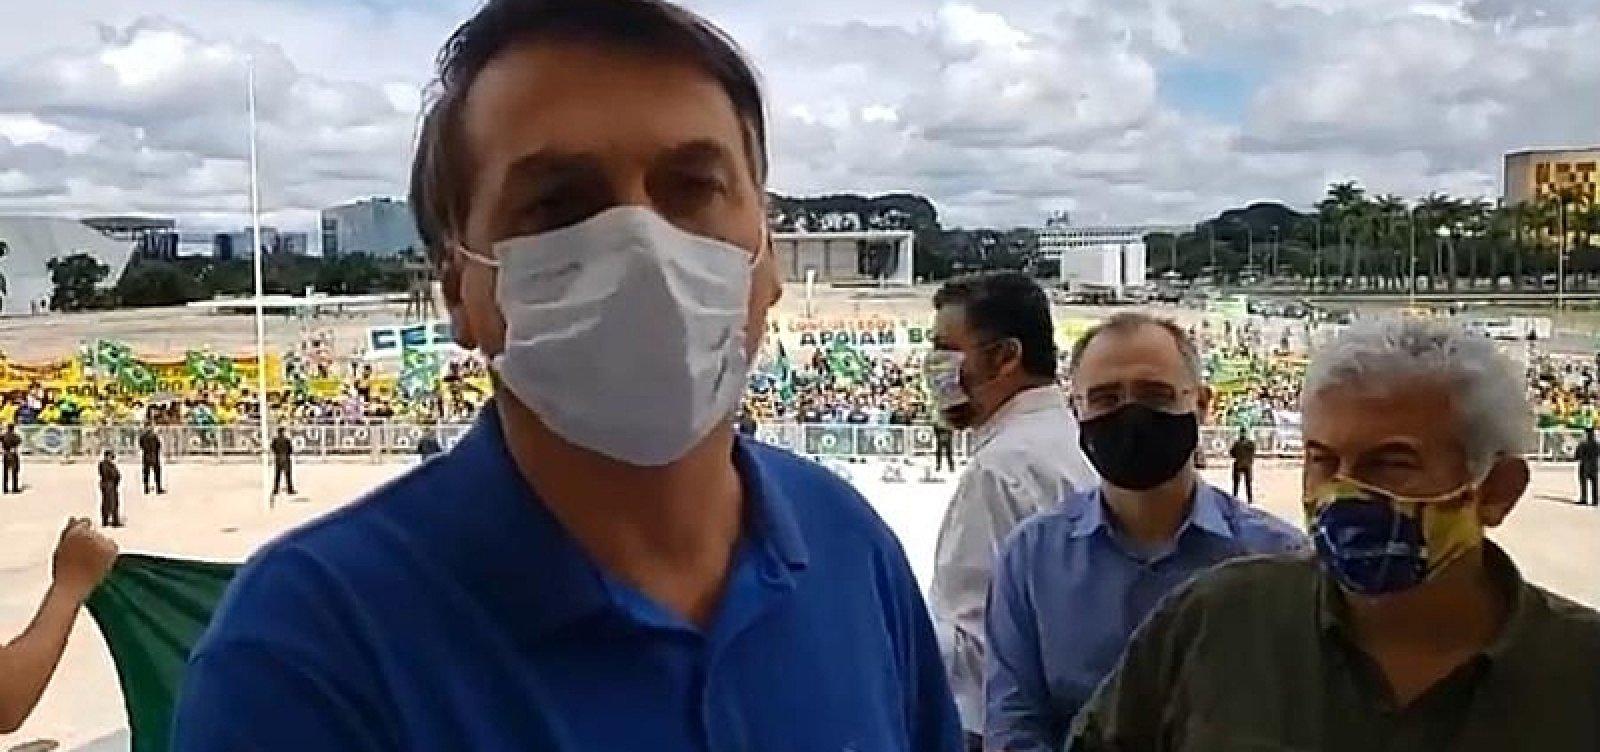 [Bolsonaro vai a manifestação em frente ao Palácio do Planalto]